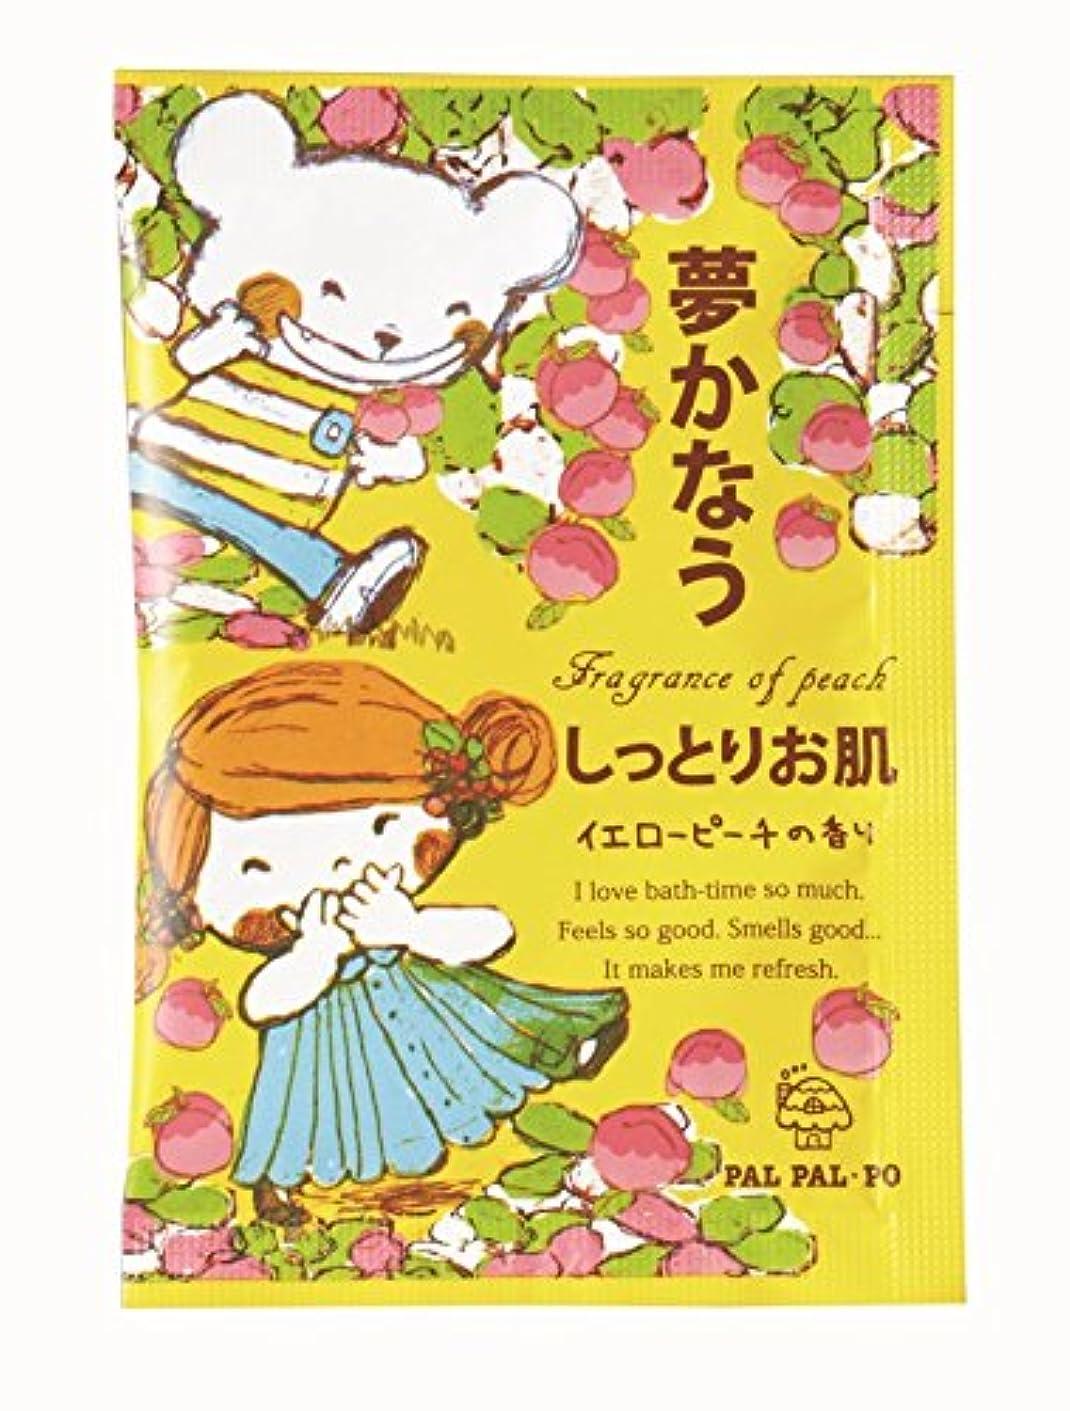 アミューズミュウミュウアンデス山脈入浴剤 パルパルポ-(しっとりお肌 イエロ-ピ-チの香り)20g ケース 200個入り